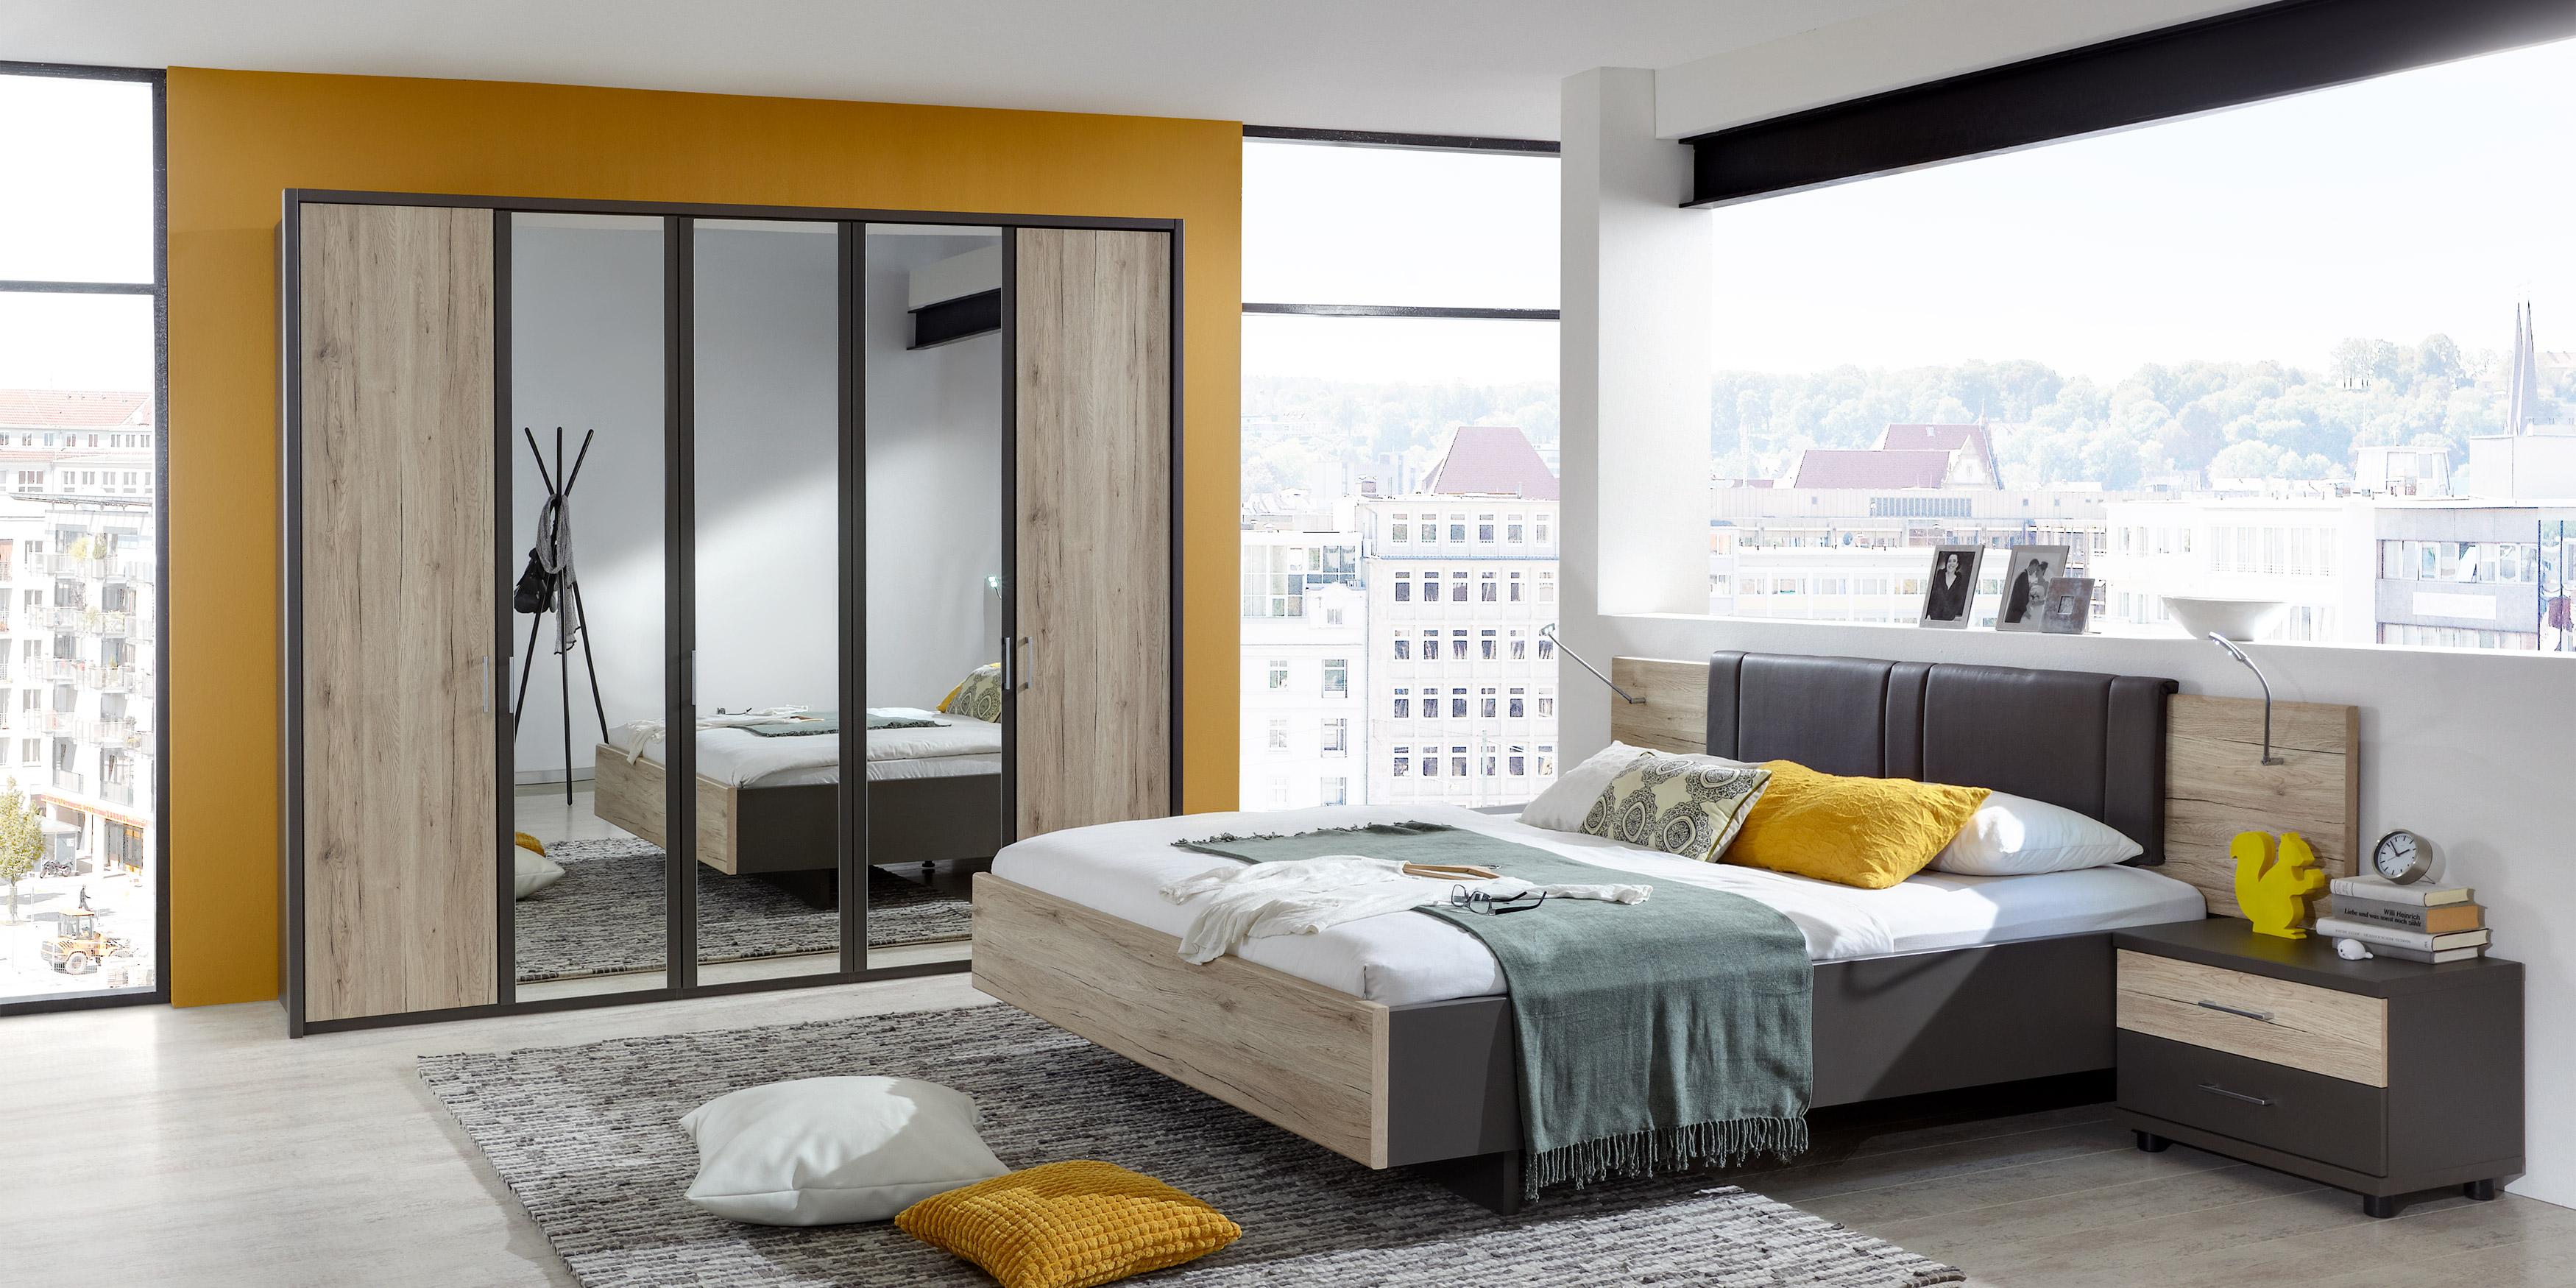 slaapkamer arizona meubelen tilt de keizer. Black Bedroom Furniture Sets. Home Design Ideas